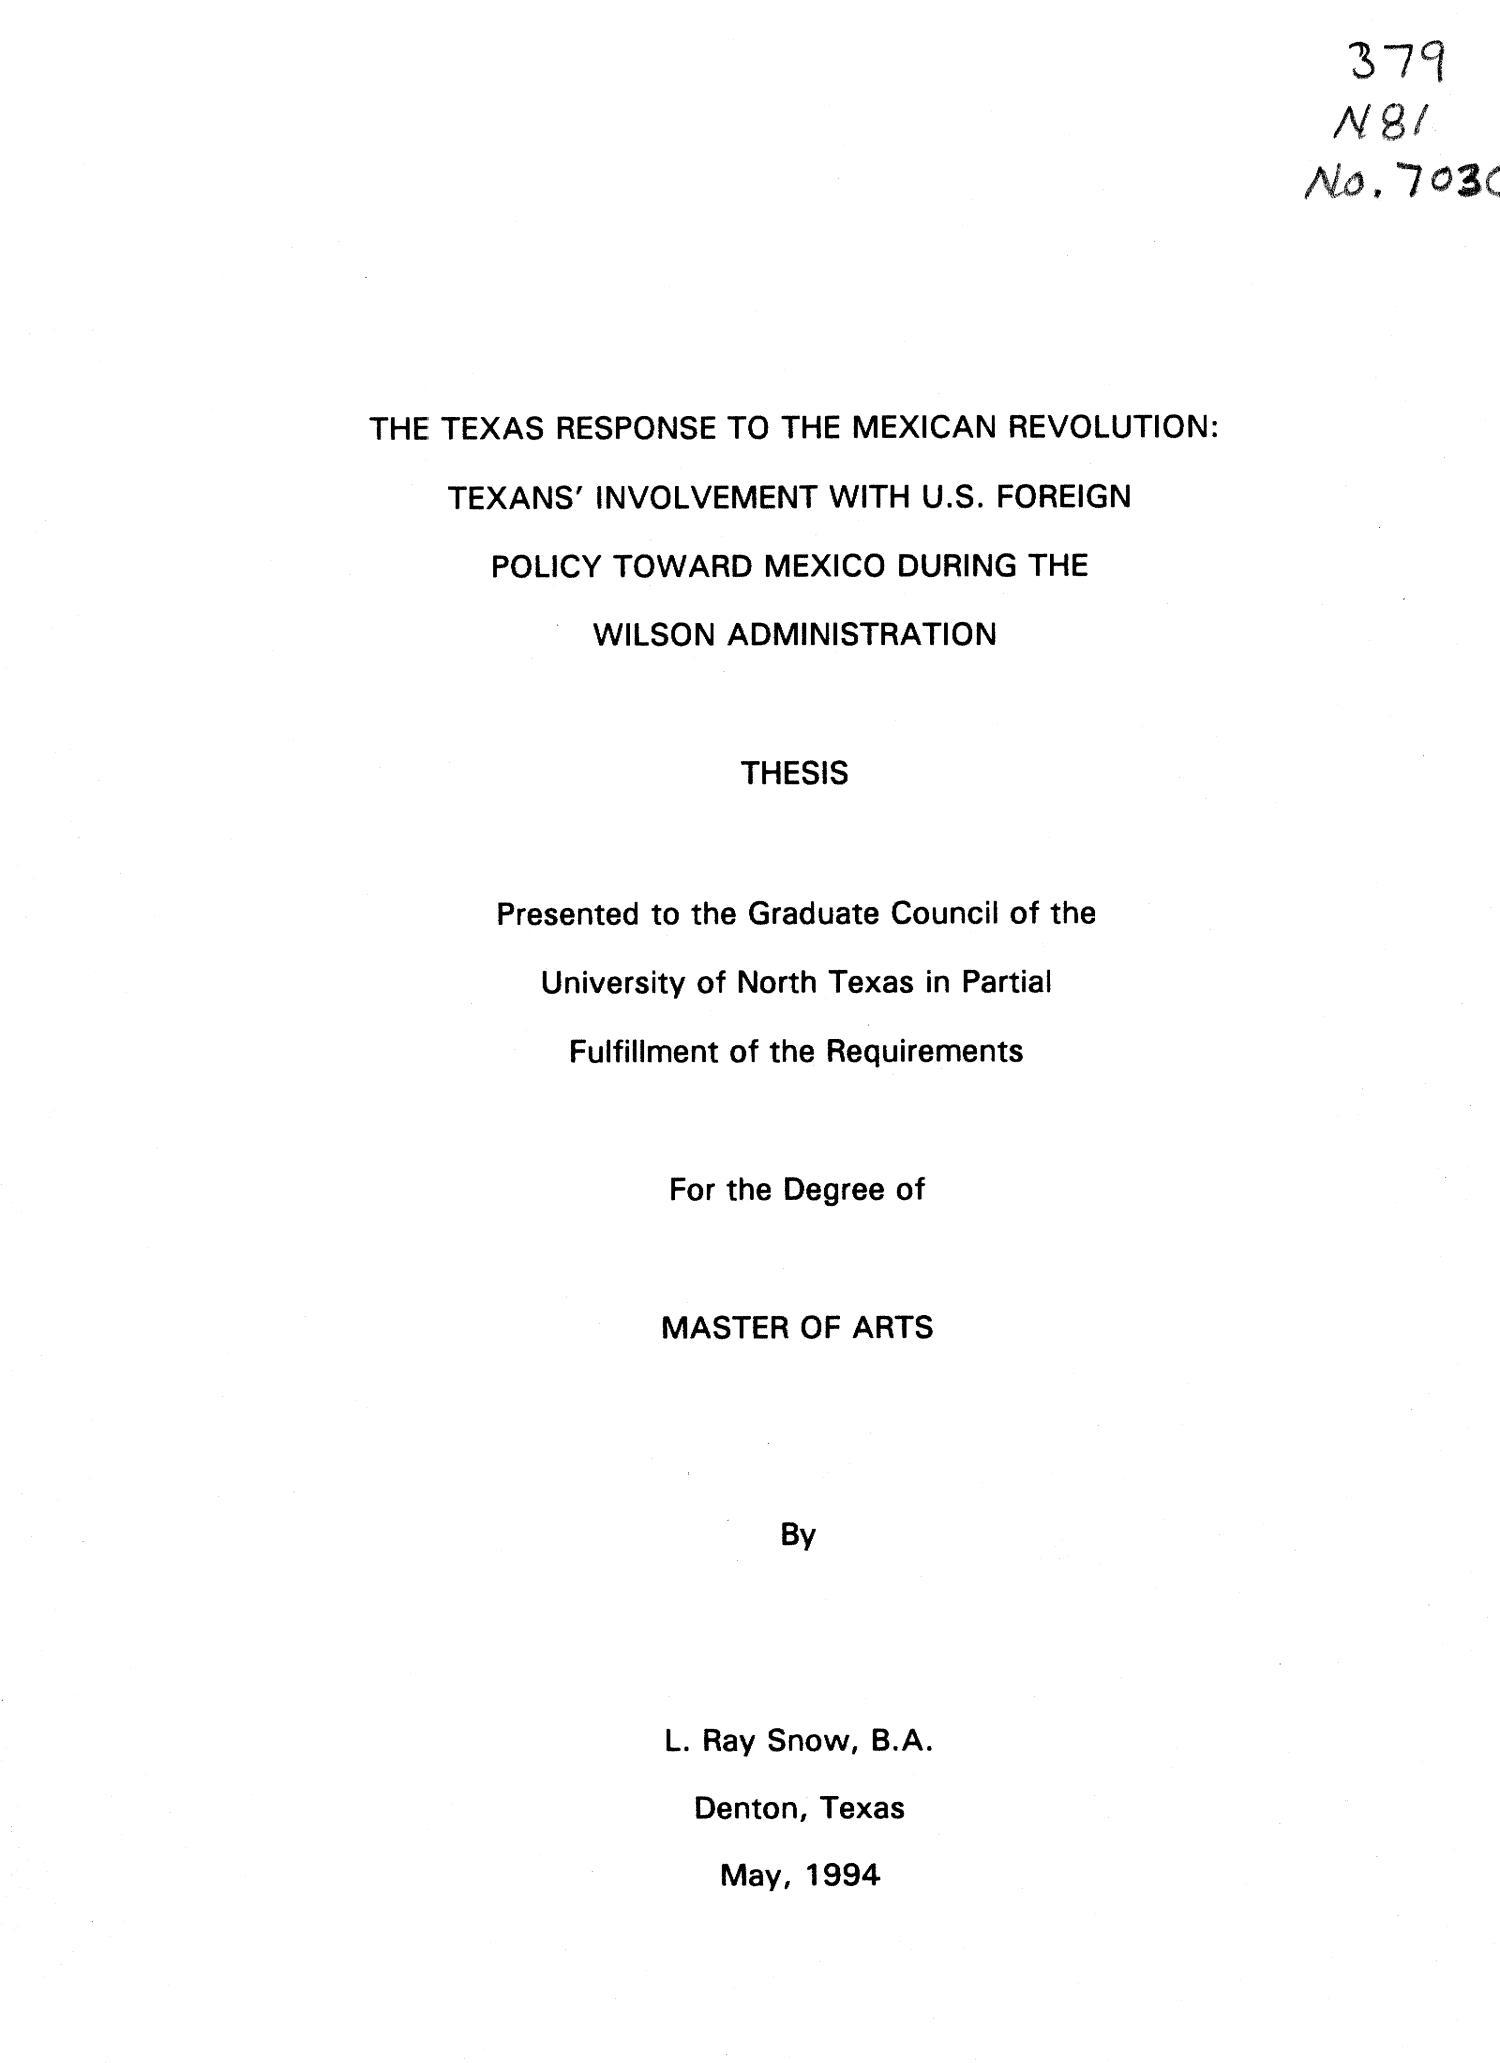 Demurrage dissertation